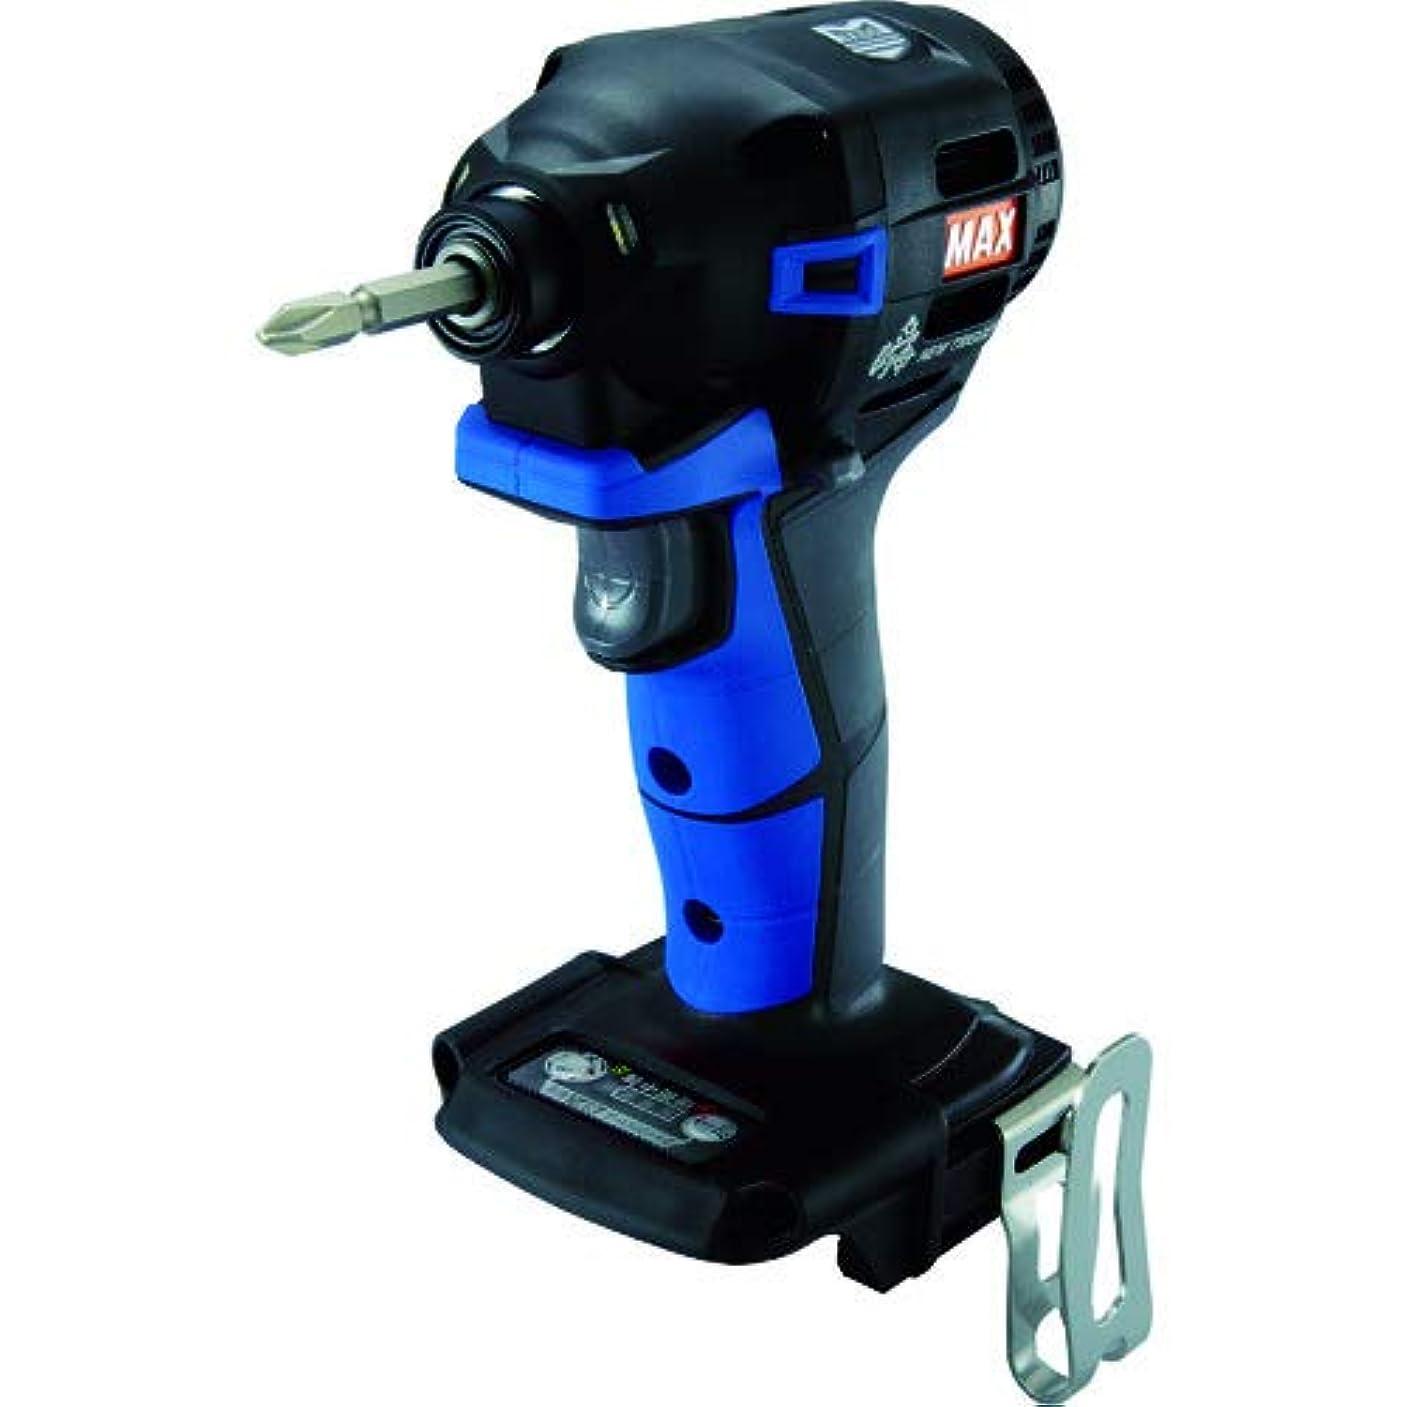 報奨金ギャラリー押すマックス(MAX) MAX 充電式ブラシレスインパクトドライバ(青)本体のみ PJ-ID152B (PJ91190)